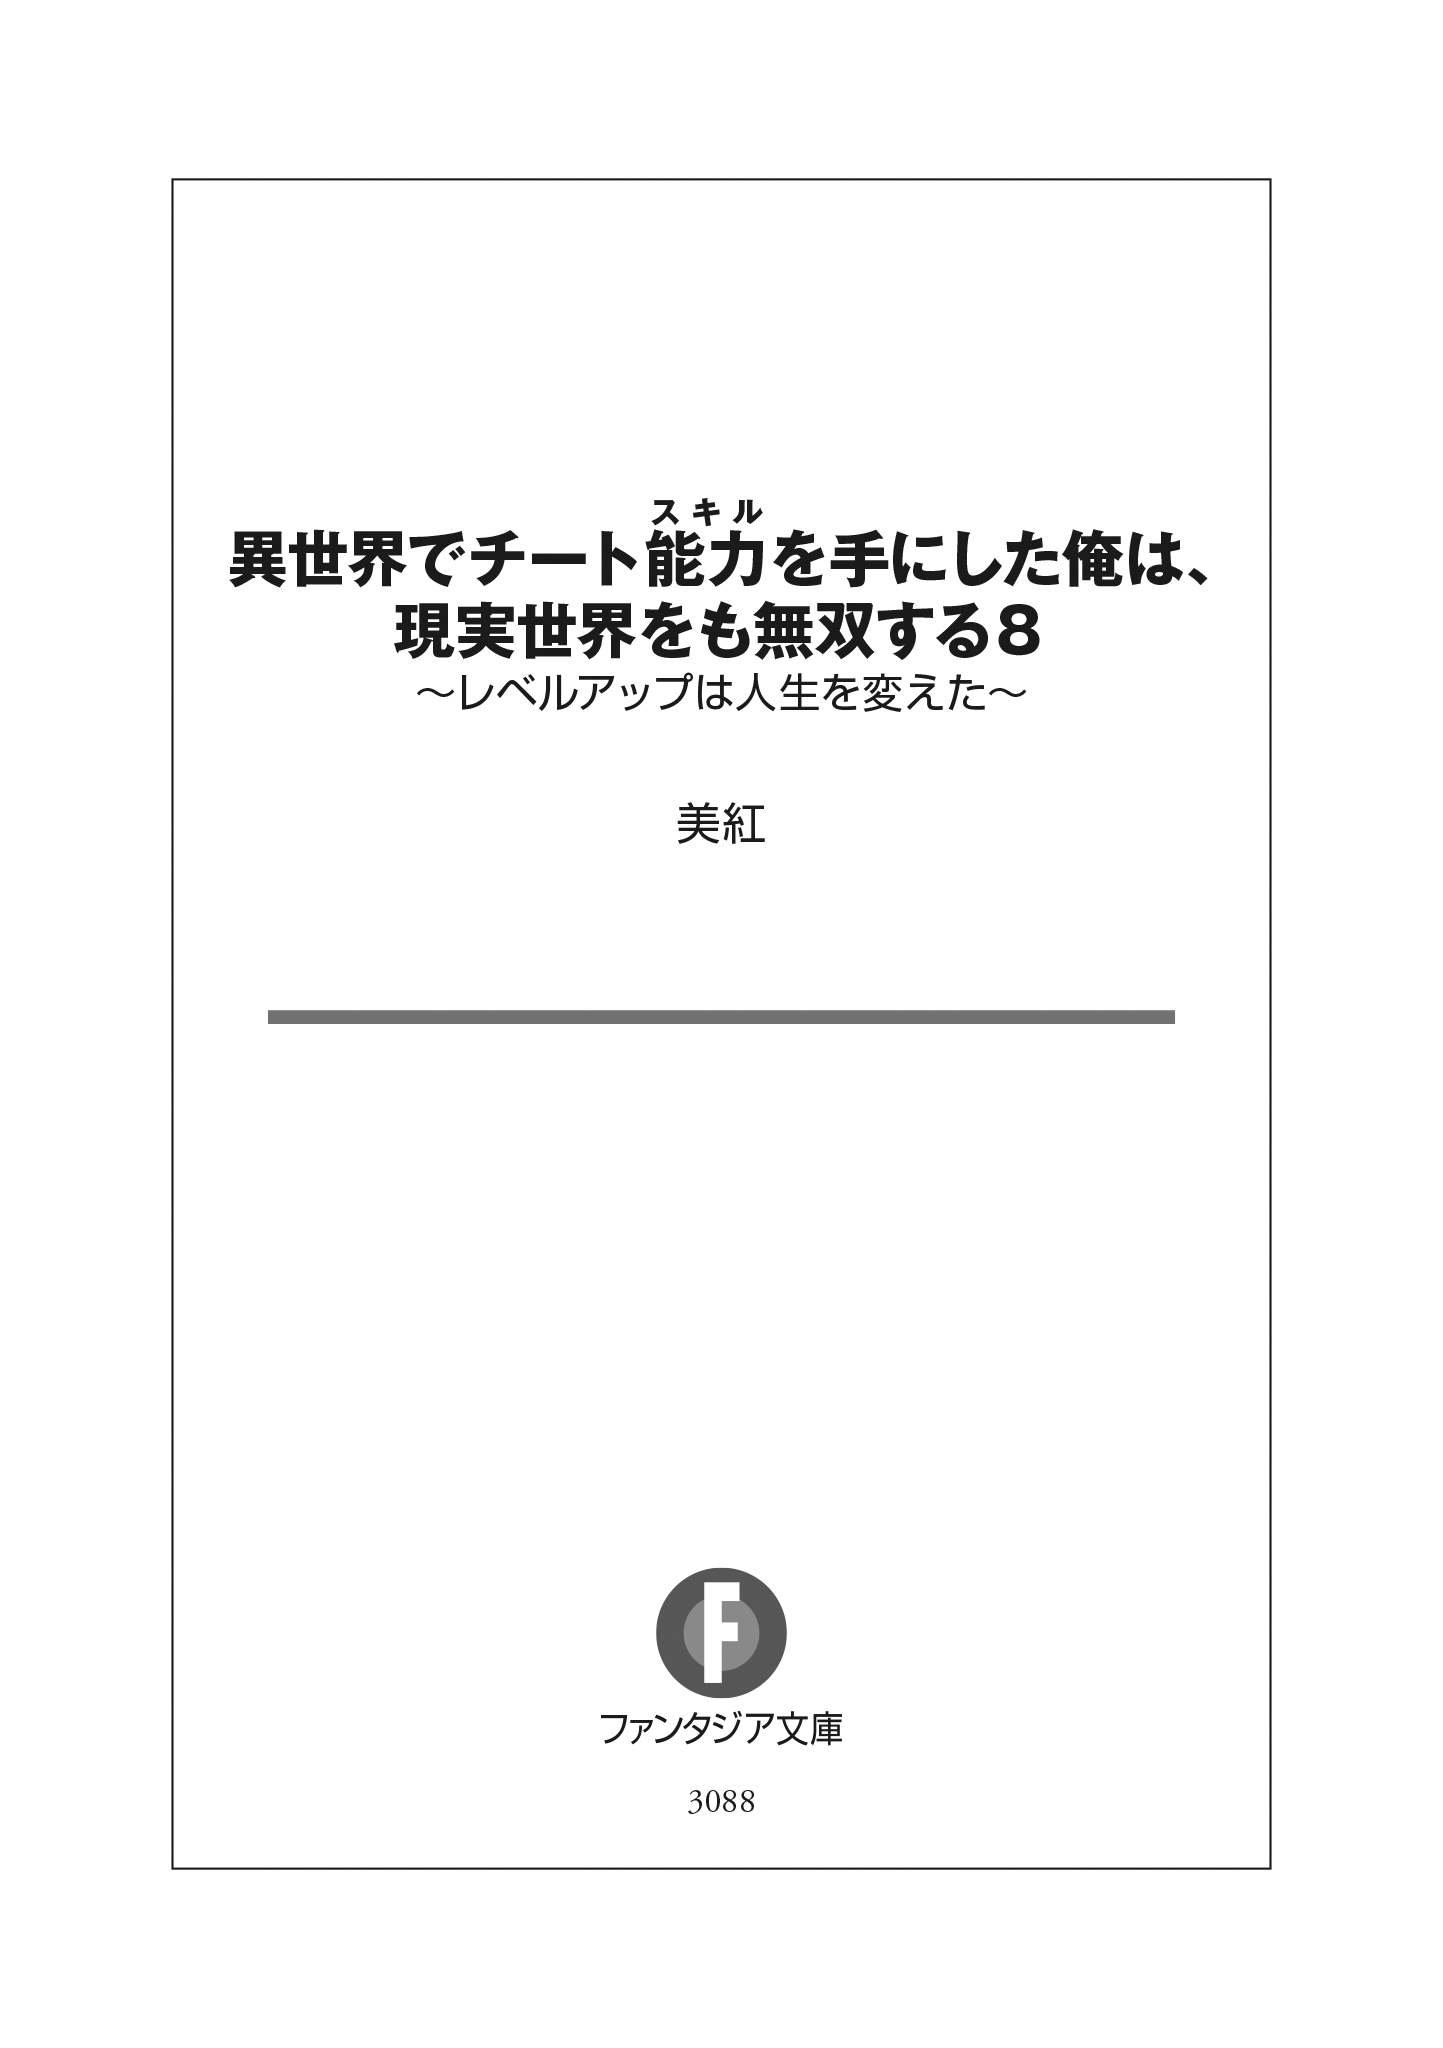 NyX Translation